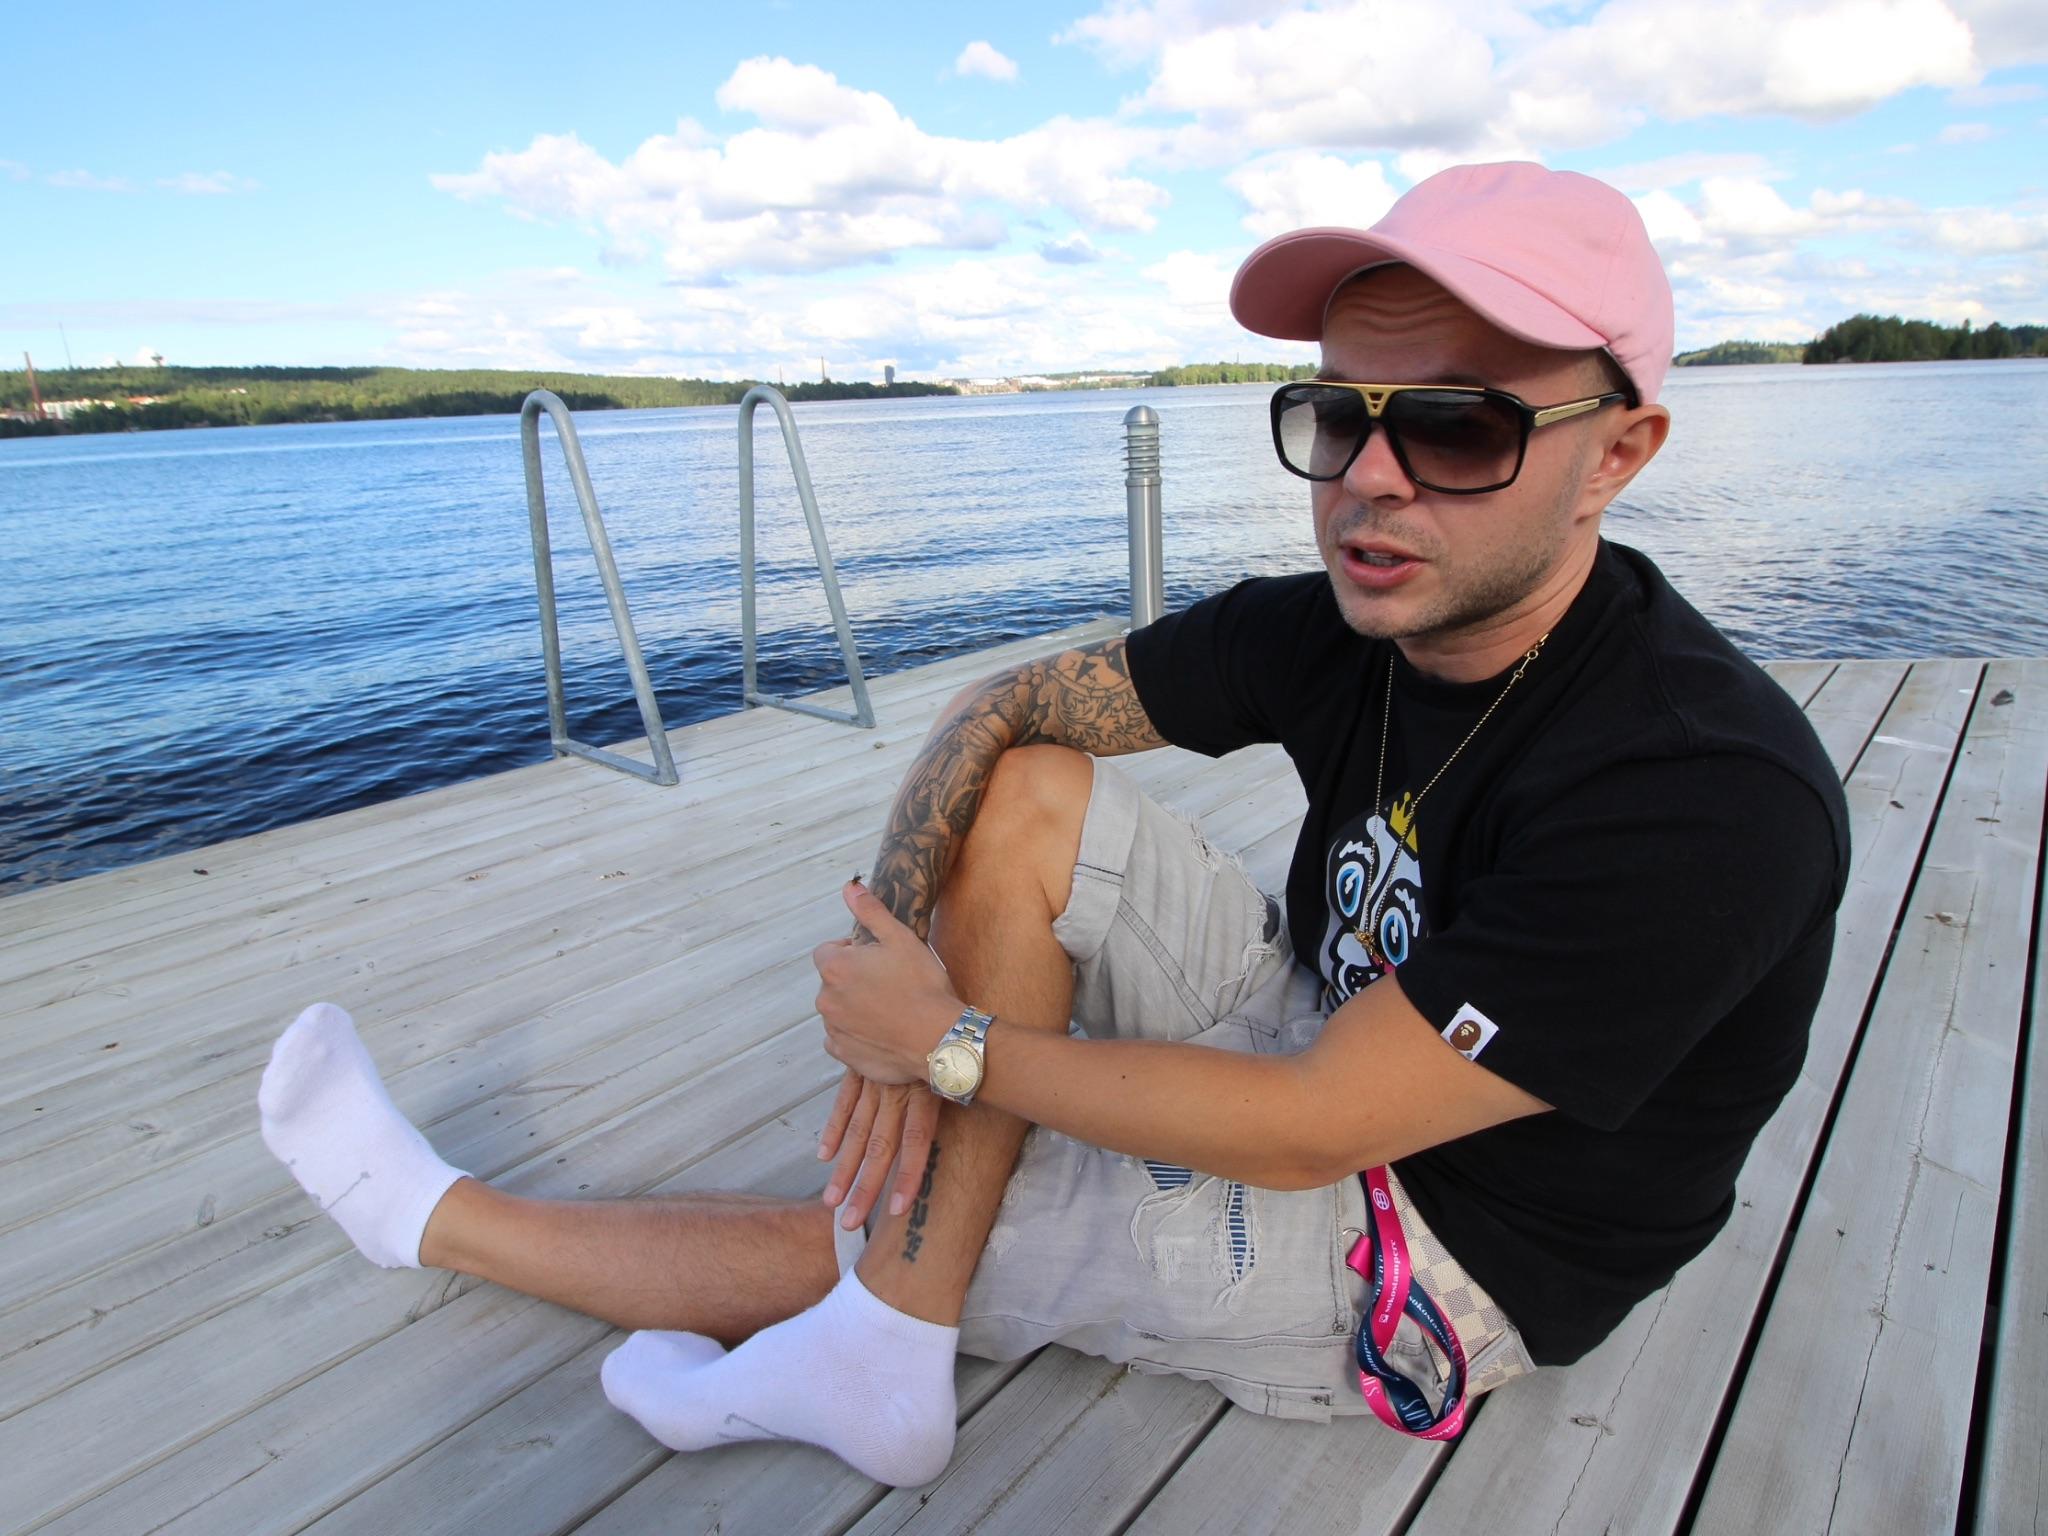 Uniikki Staran haastattelussa Blockfesteillä.